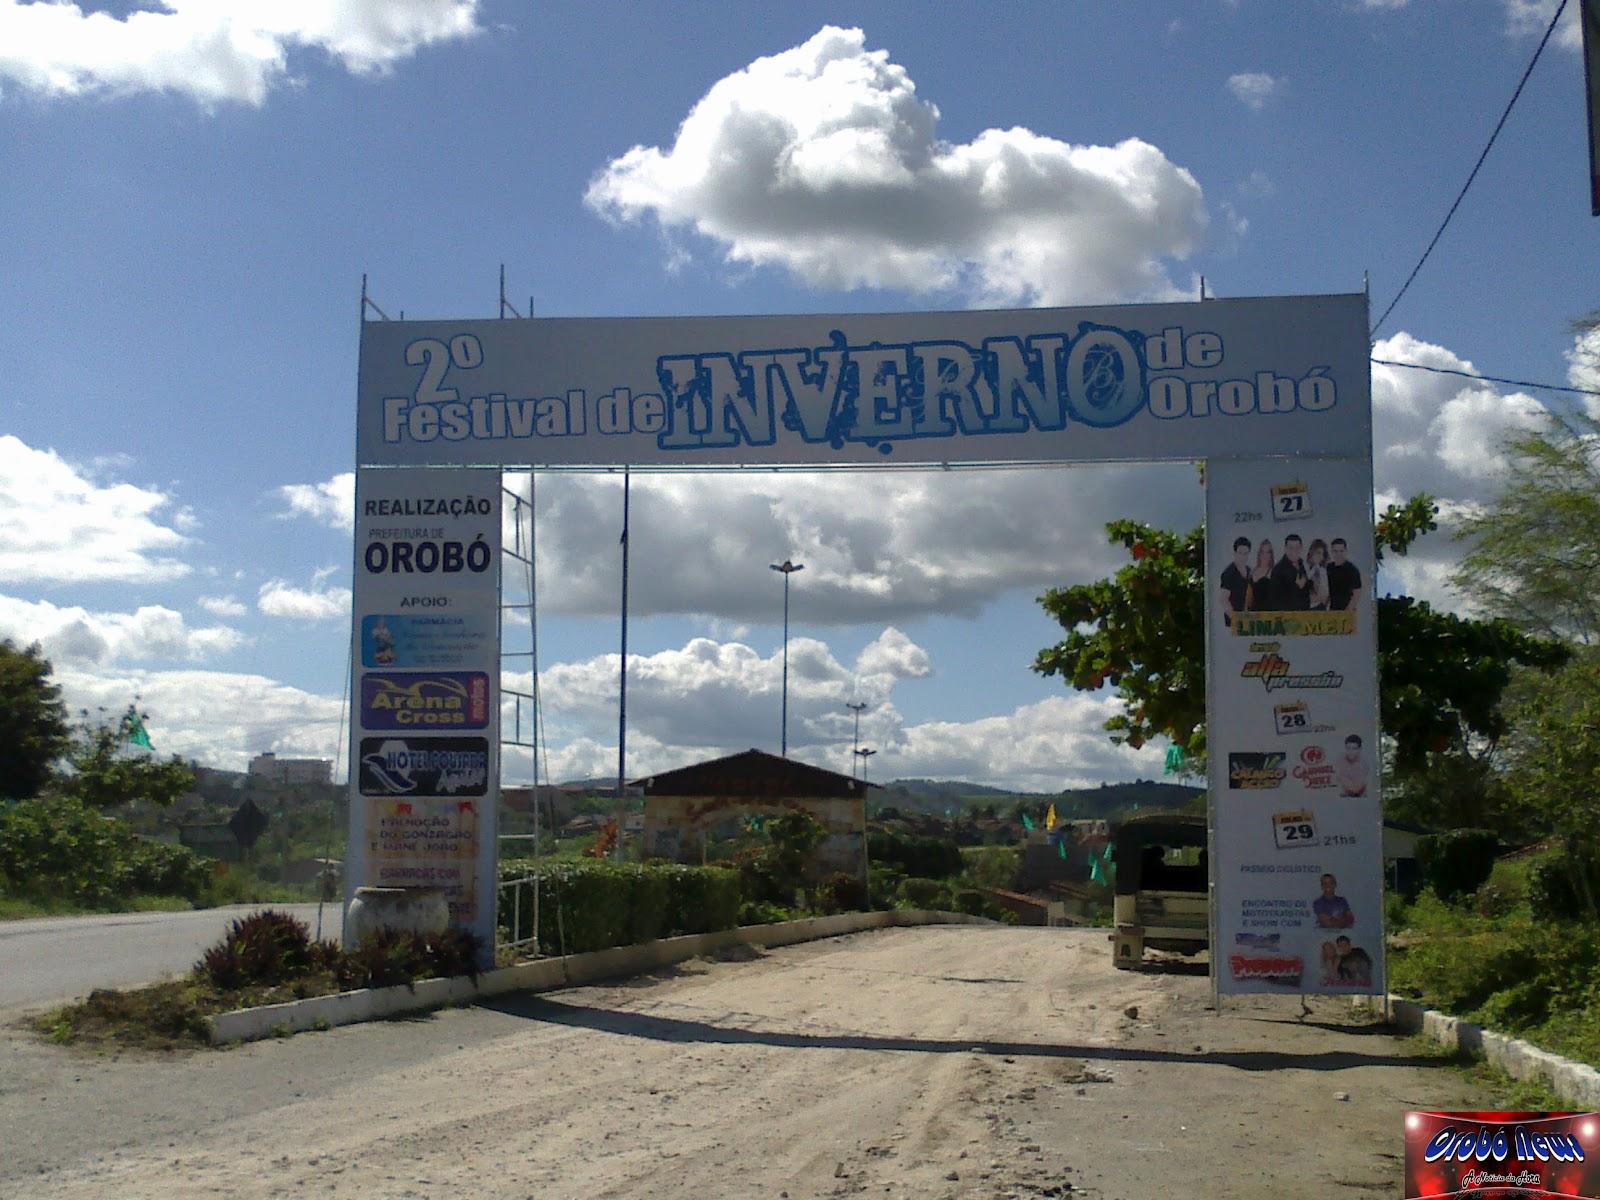 festa em bom jardim hoje:Hoje no Primeiro dia do 2º Festival de Inverno de Orobó